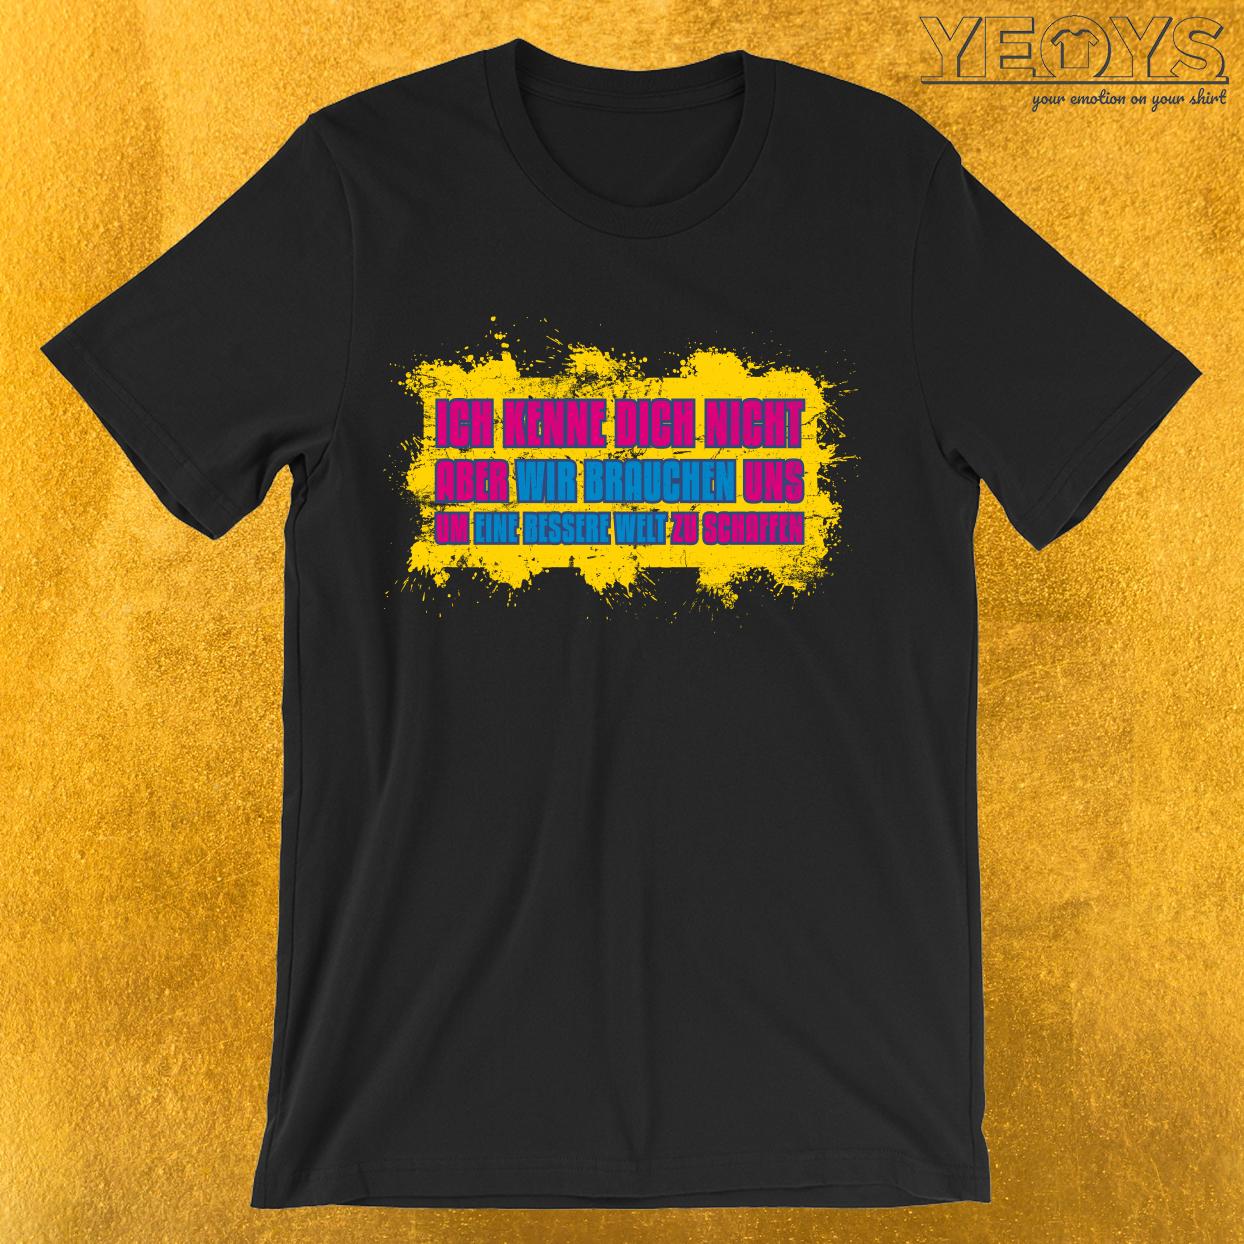 Wir Brauchen Uns Für Eine Bessere Welt T-Shirt